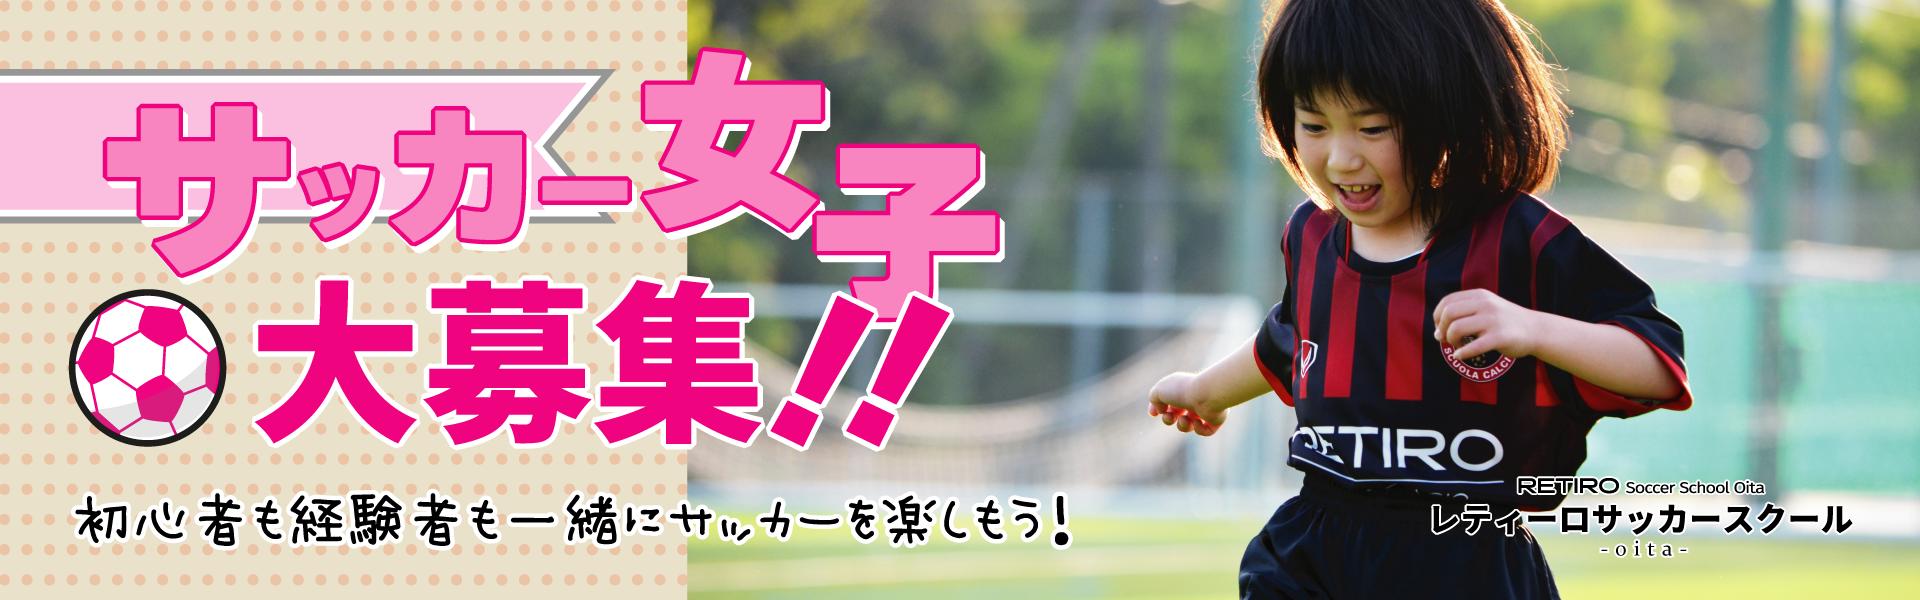 サッカー女子大募集!!